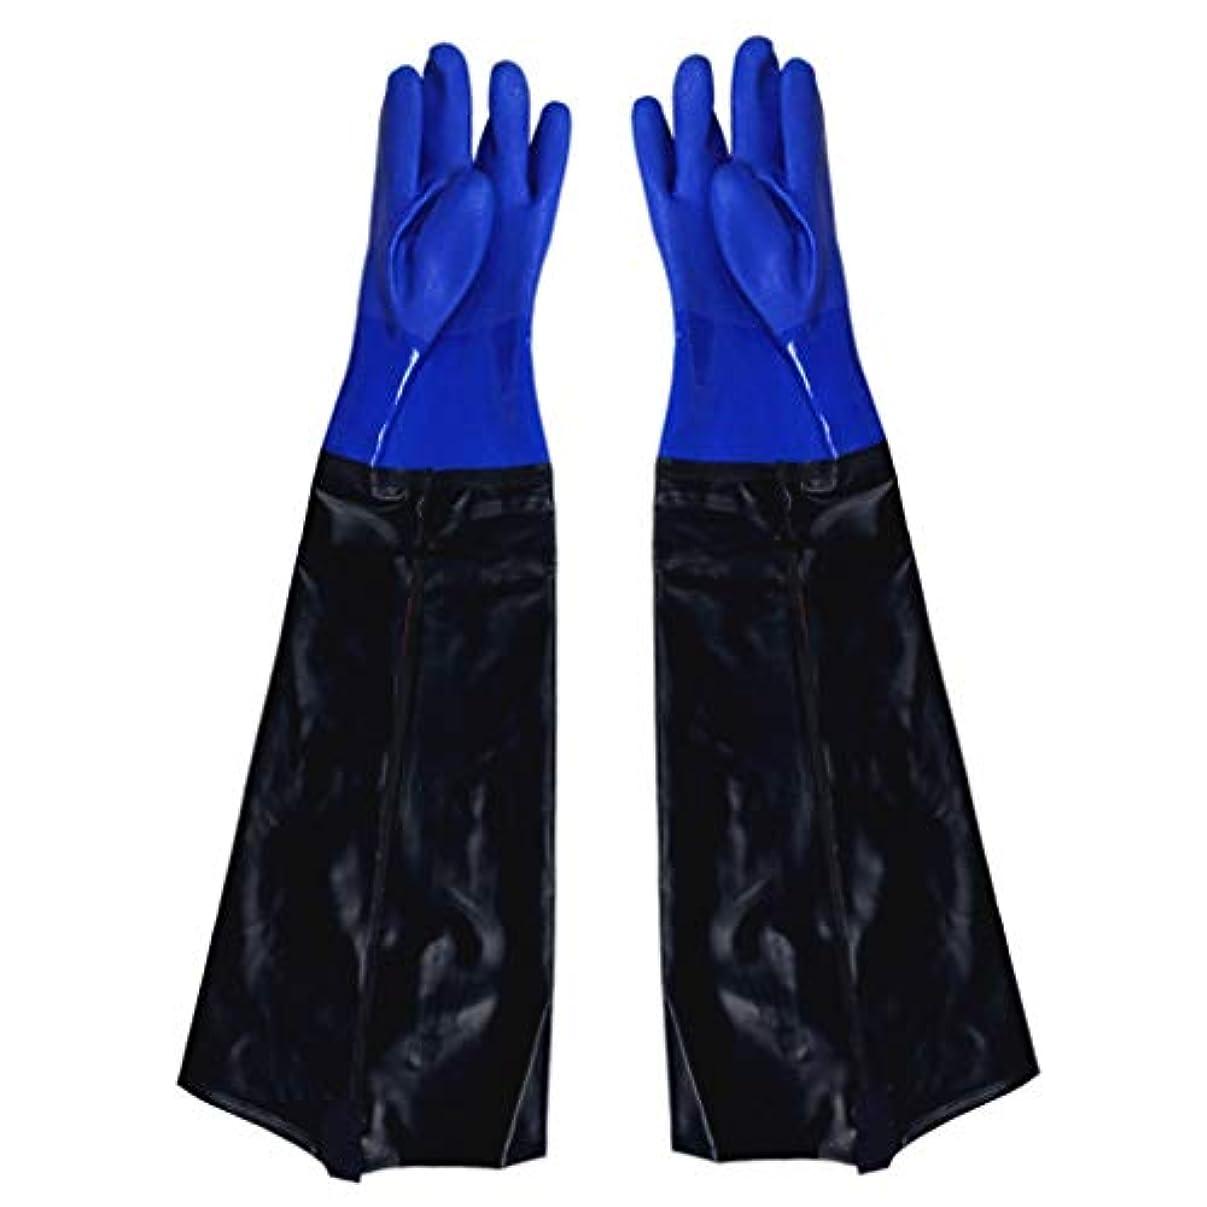 ゴム手袋 - 漁業に強い耐久性のある酸とアルカリを広げることを長くすること